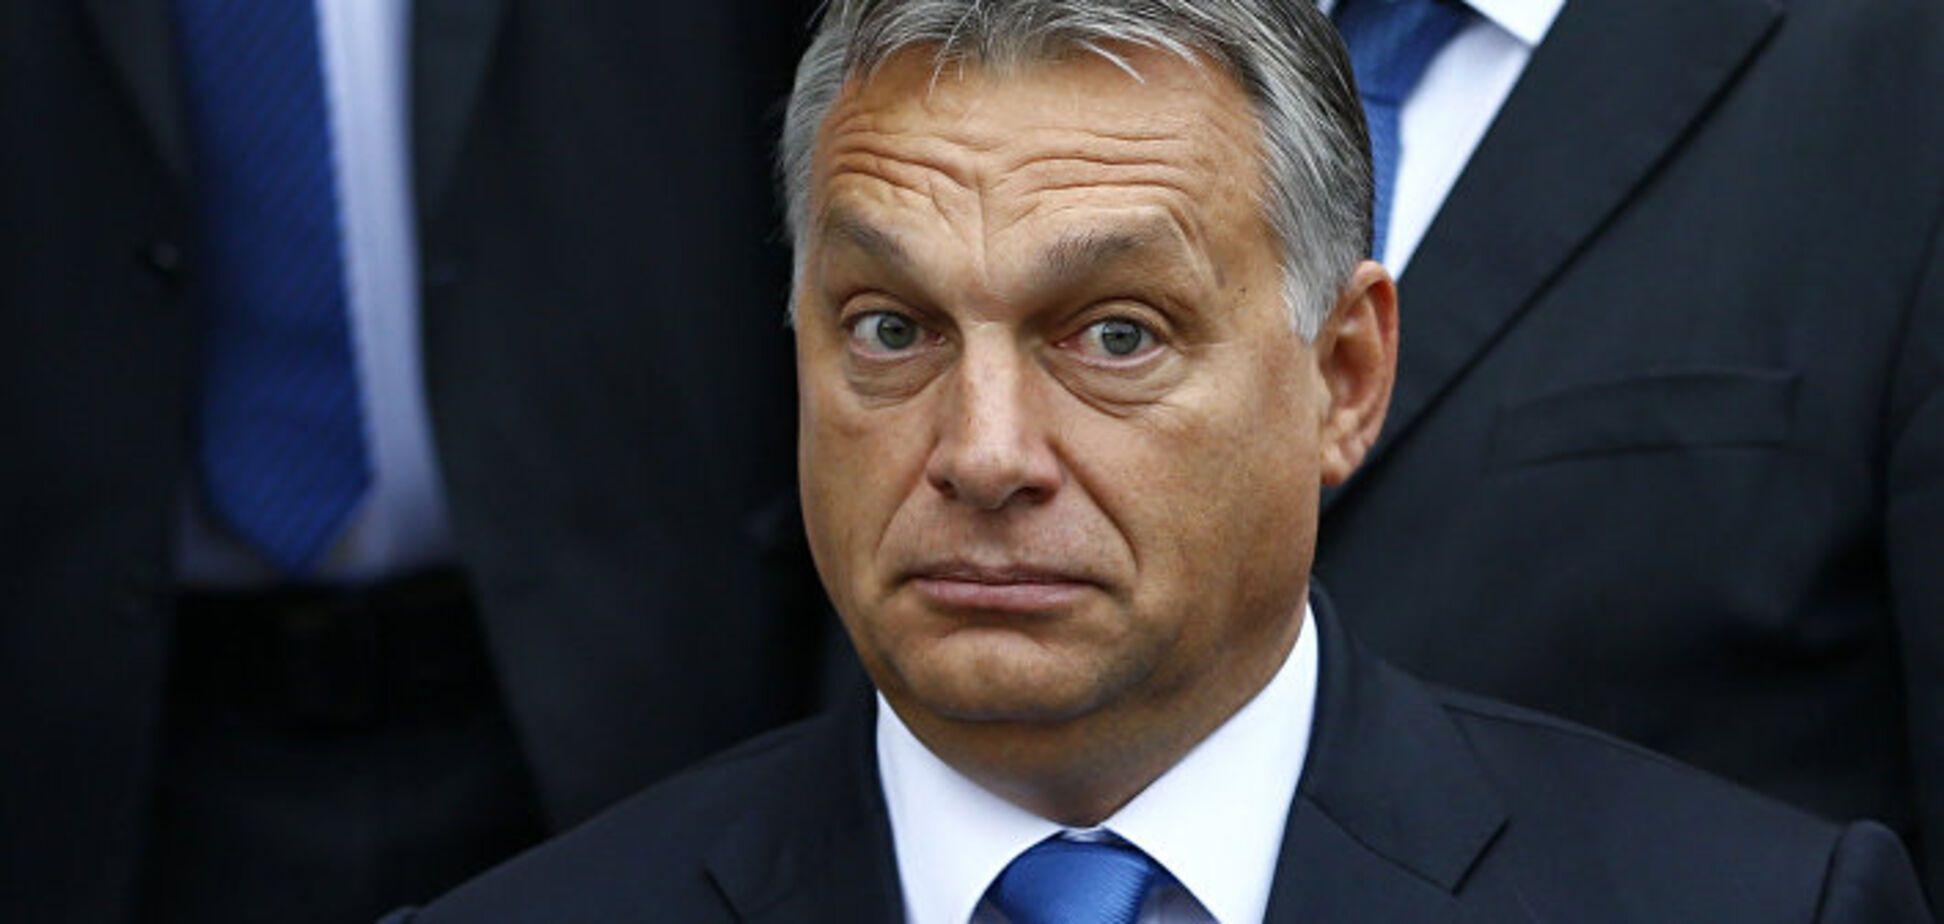 Як би не було прикро, Орбан щодо України правий